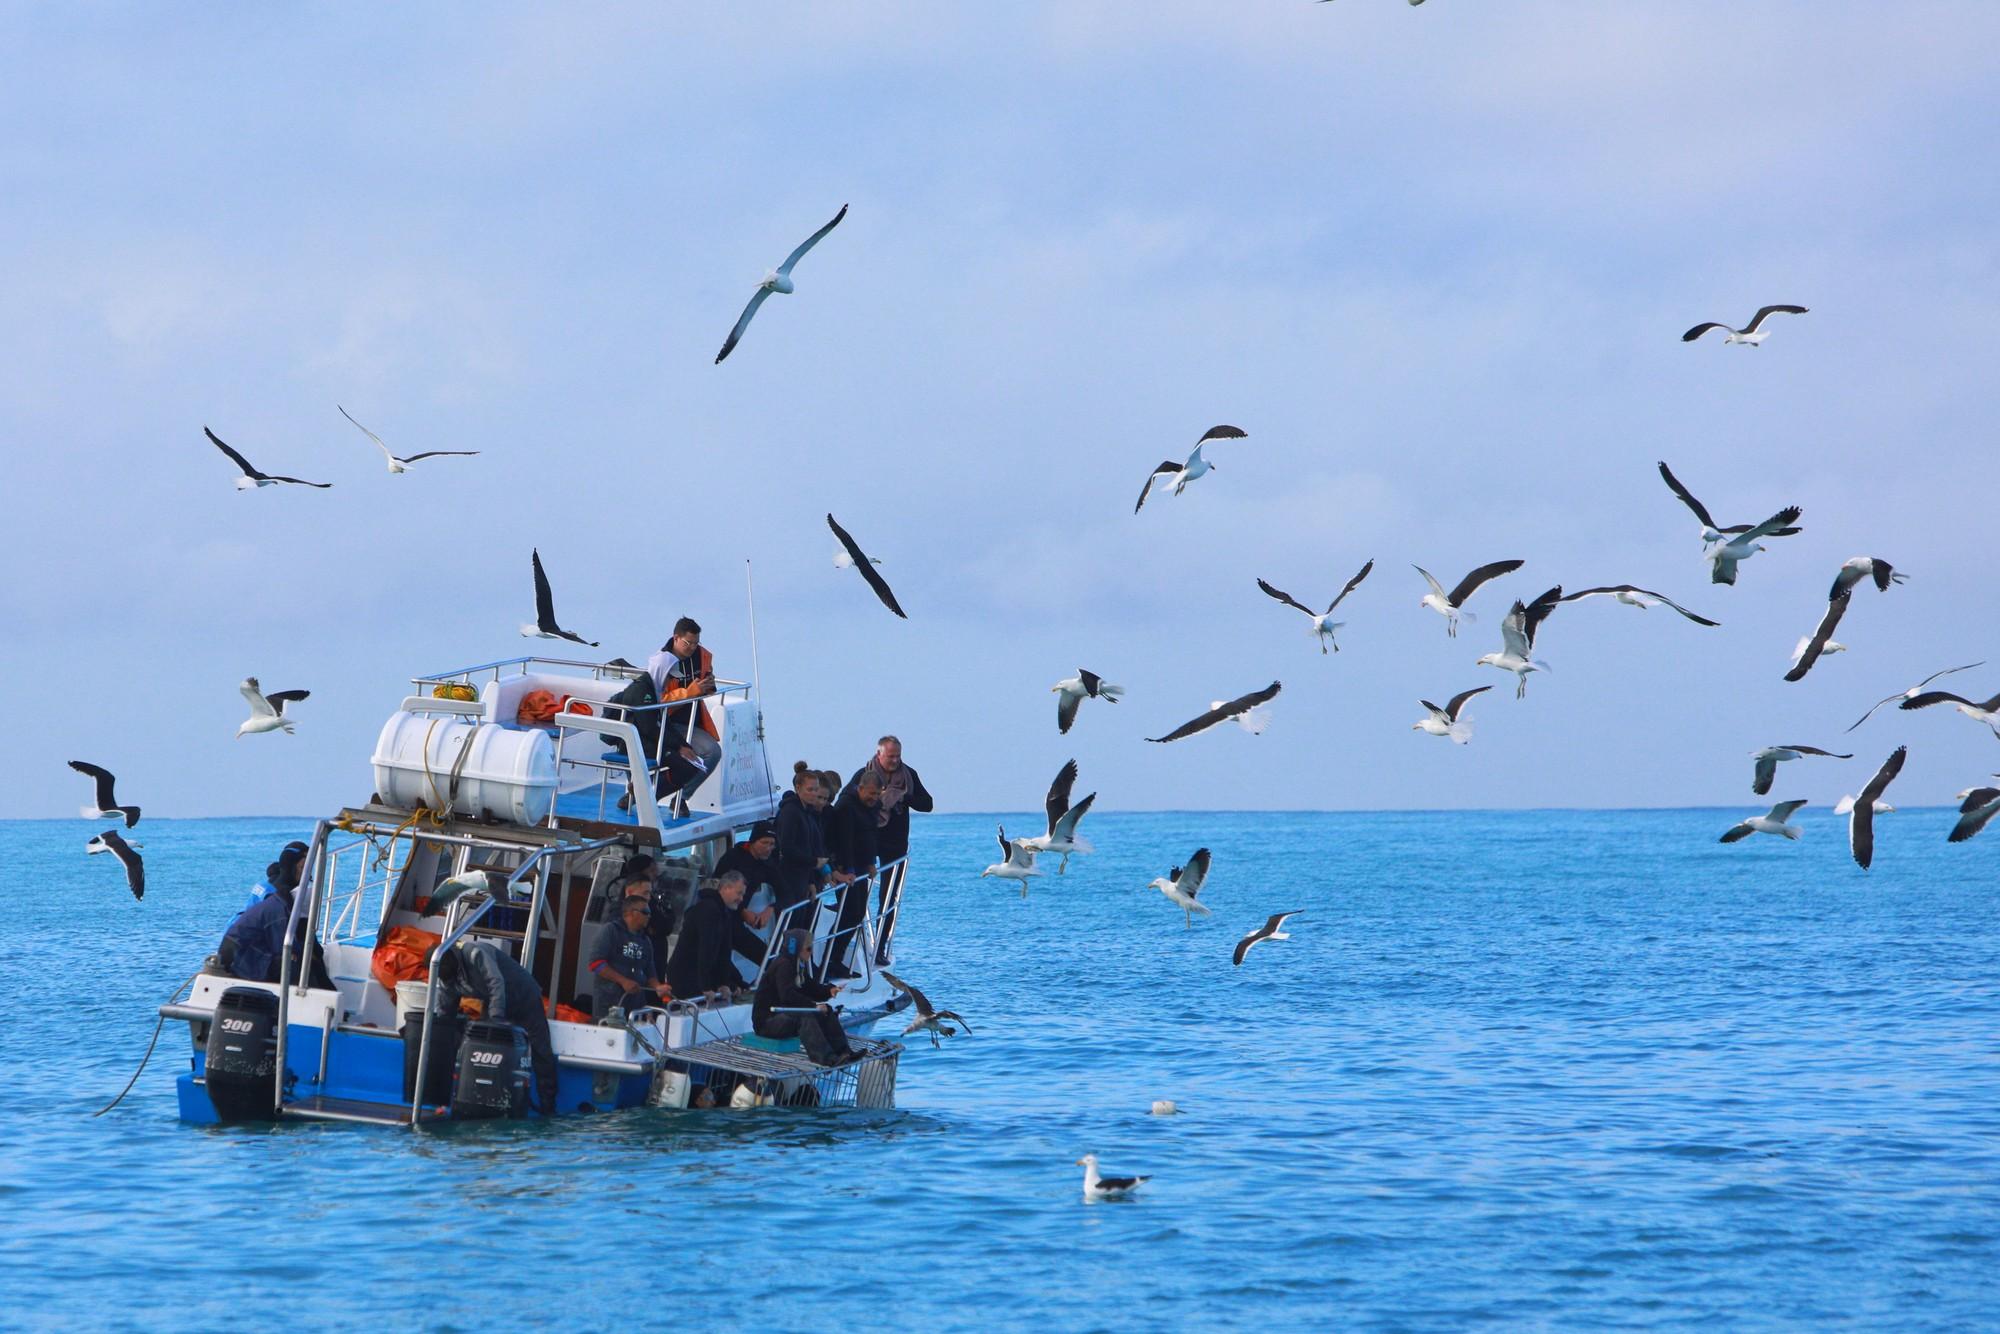 Chạm trán sát thủ đại dương tại Mũi Hảo Vọng - Ảnh 1.